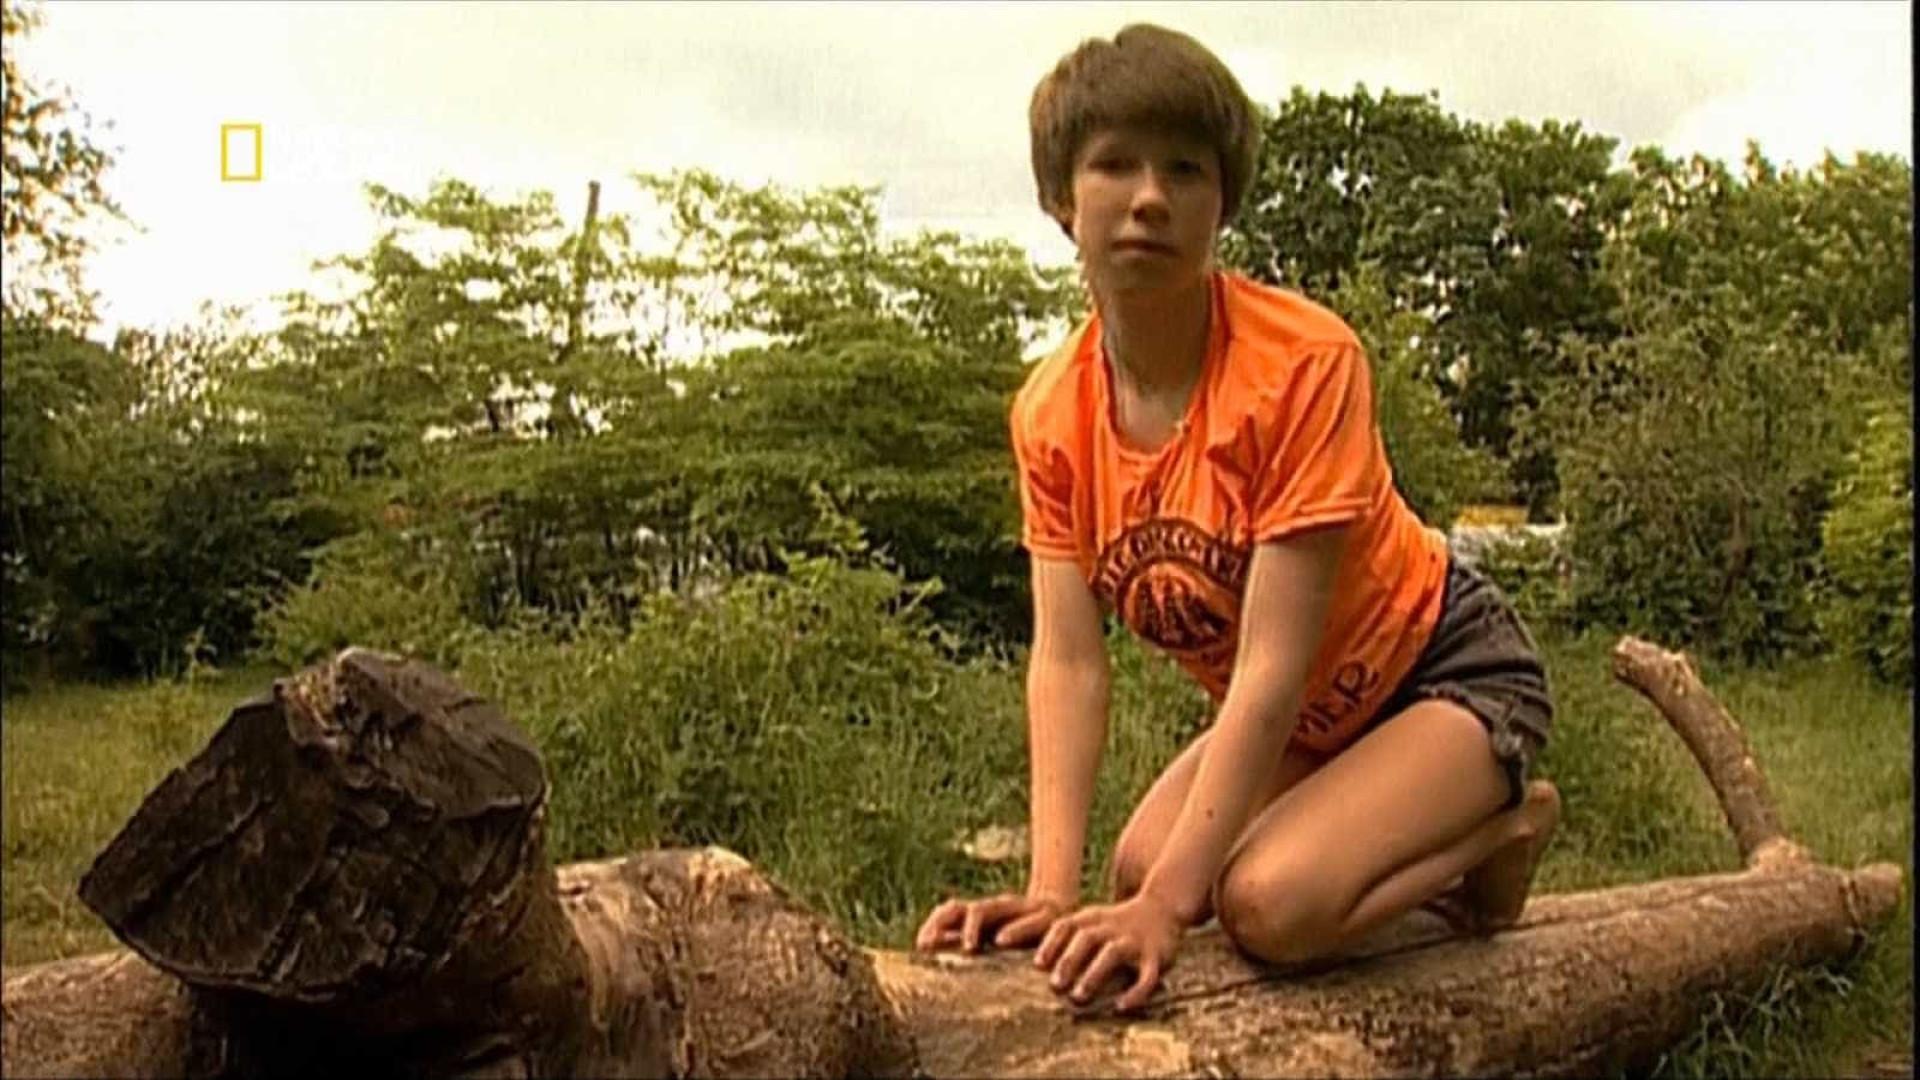 Como está atualmente Oxana Malaya, a menina cachorro?